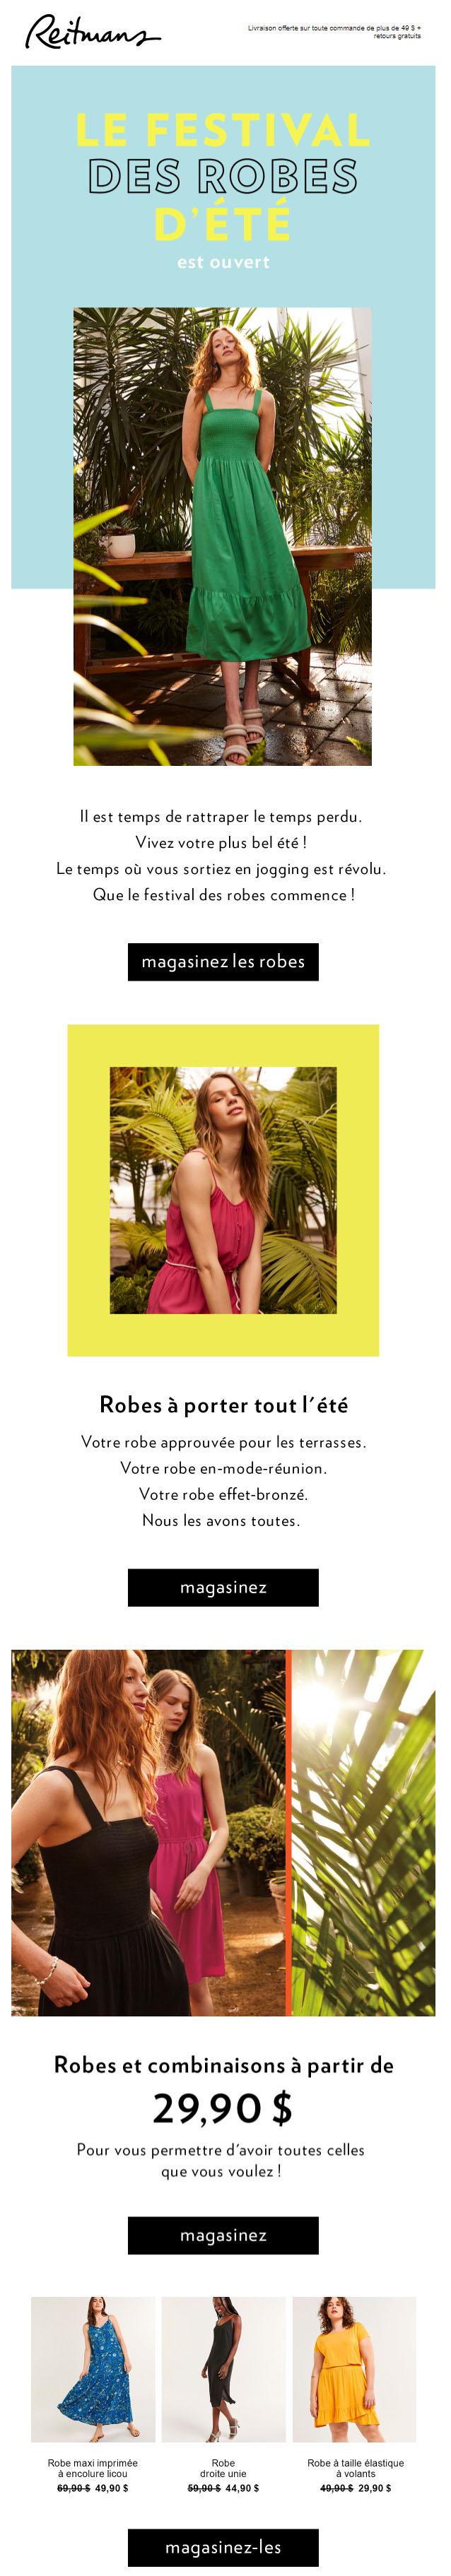 Le Festival Des Robes D